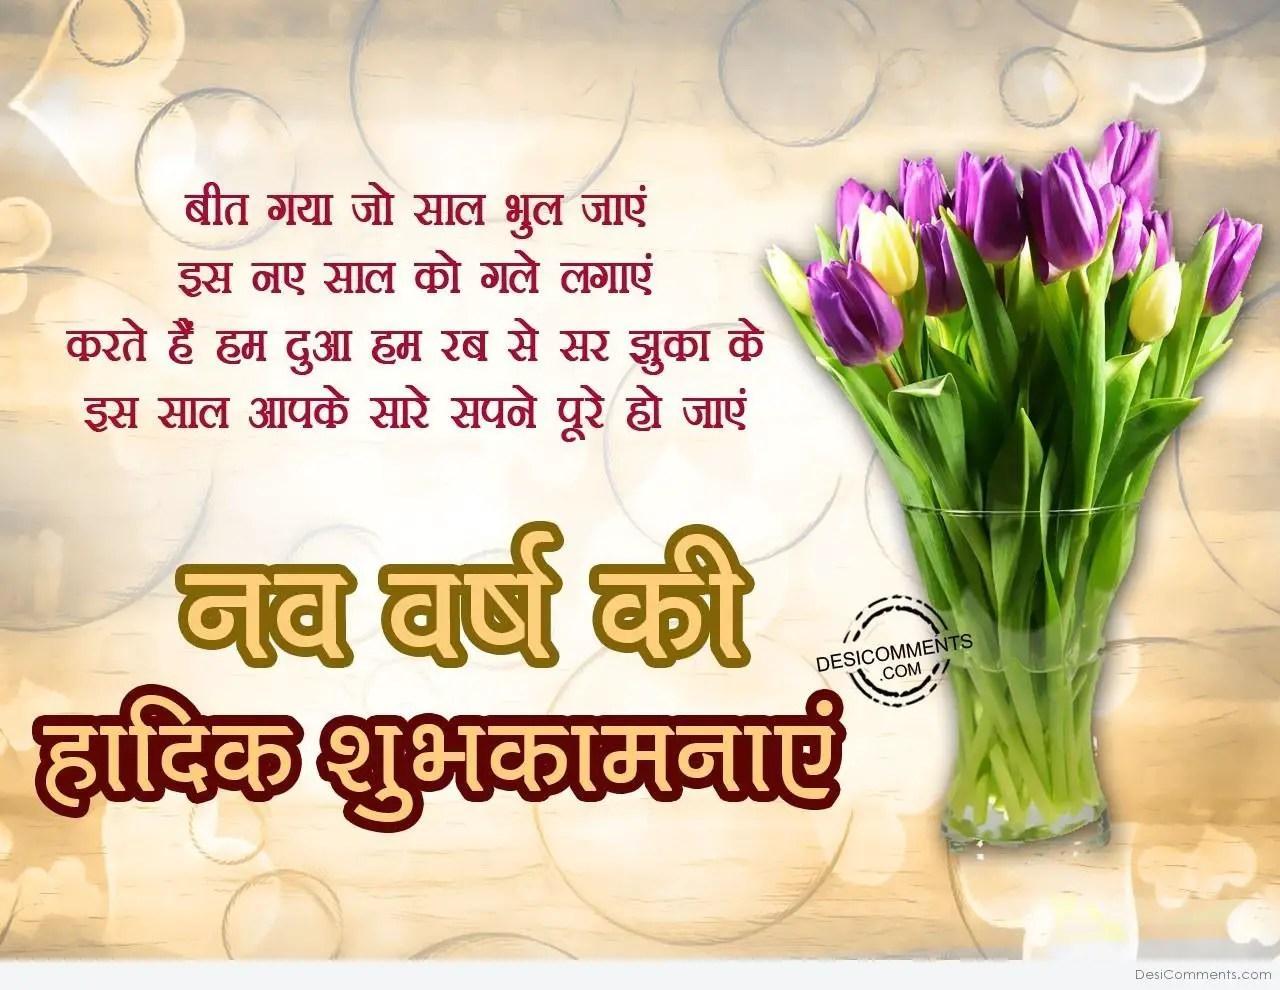 Funny Wallpapers Quotes In Hindi Nav Varsh Ki Hardik Shubhkamnaye Desicomments Com